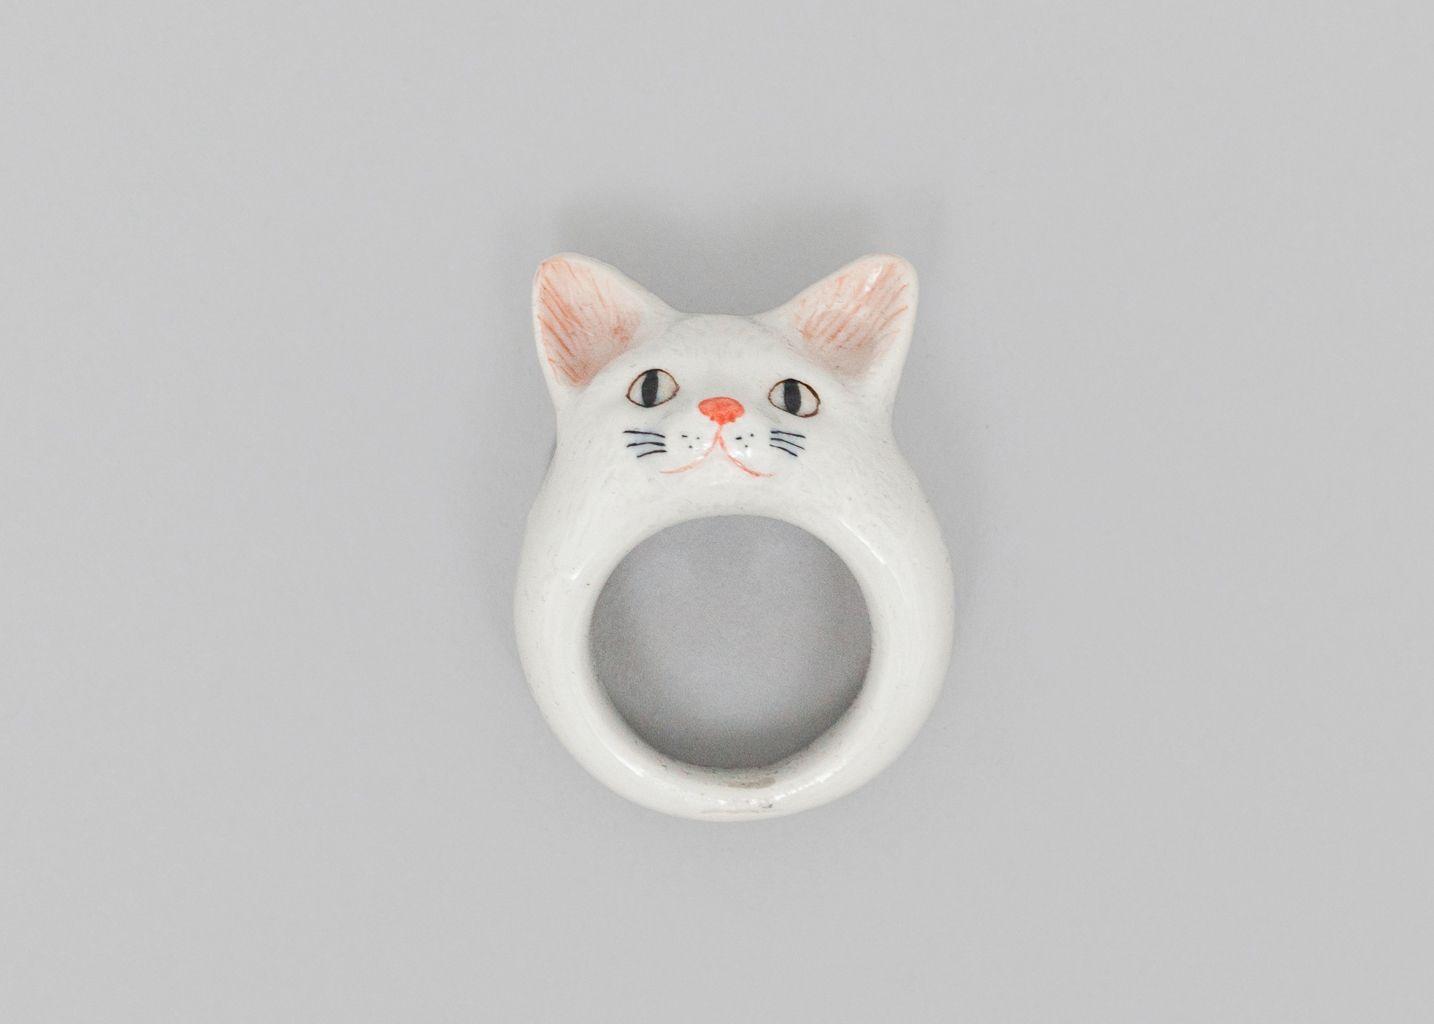 White Cat Ring - Nach Bijoux